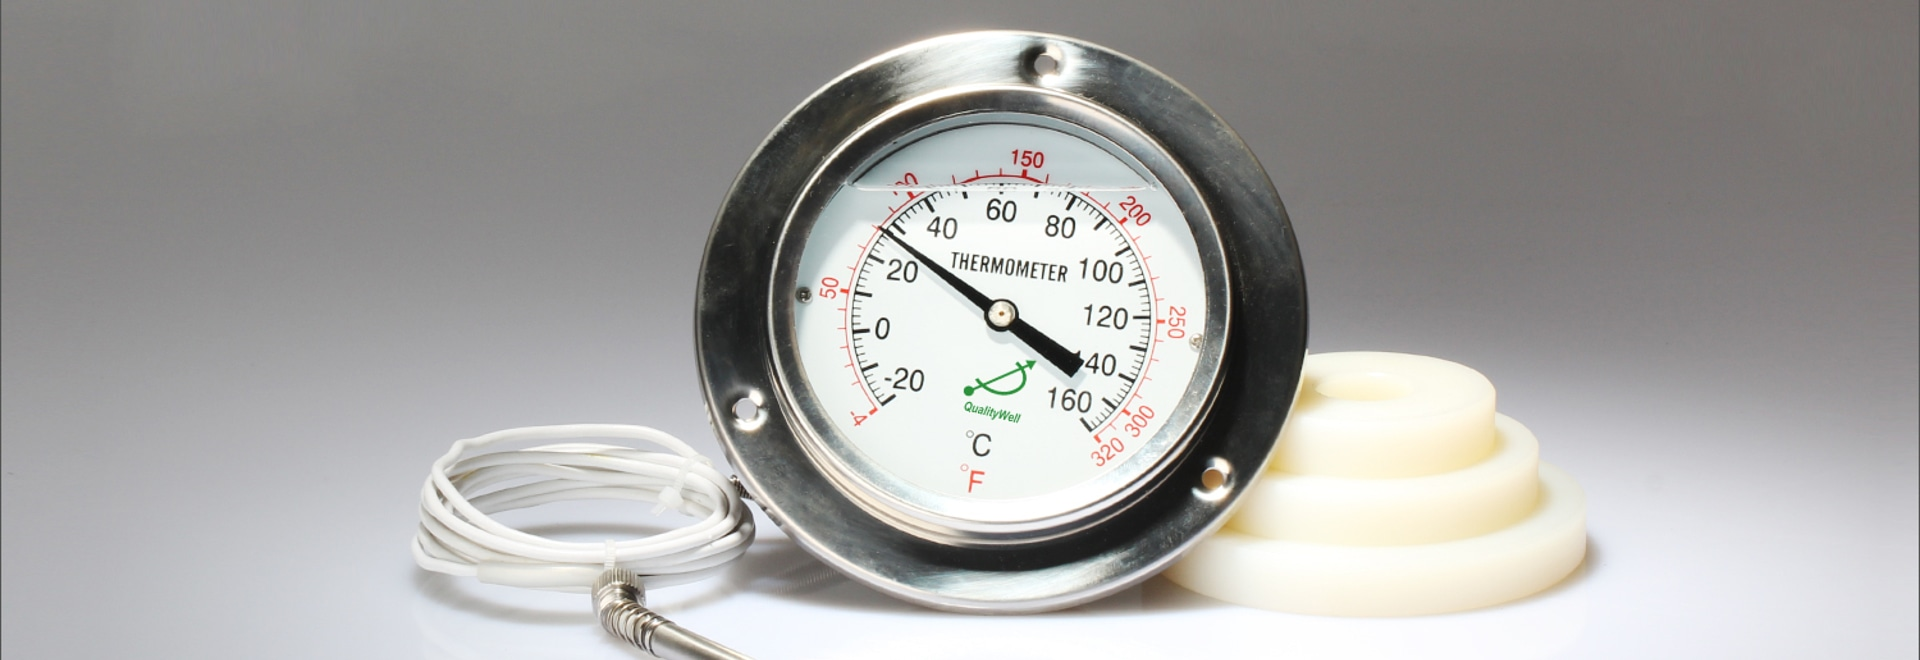 El principio y la estructura del termómetro de lectura a distancia